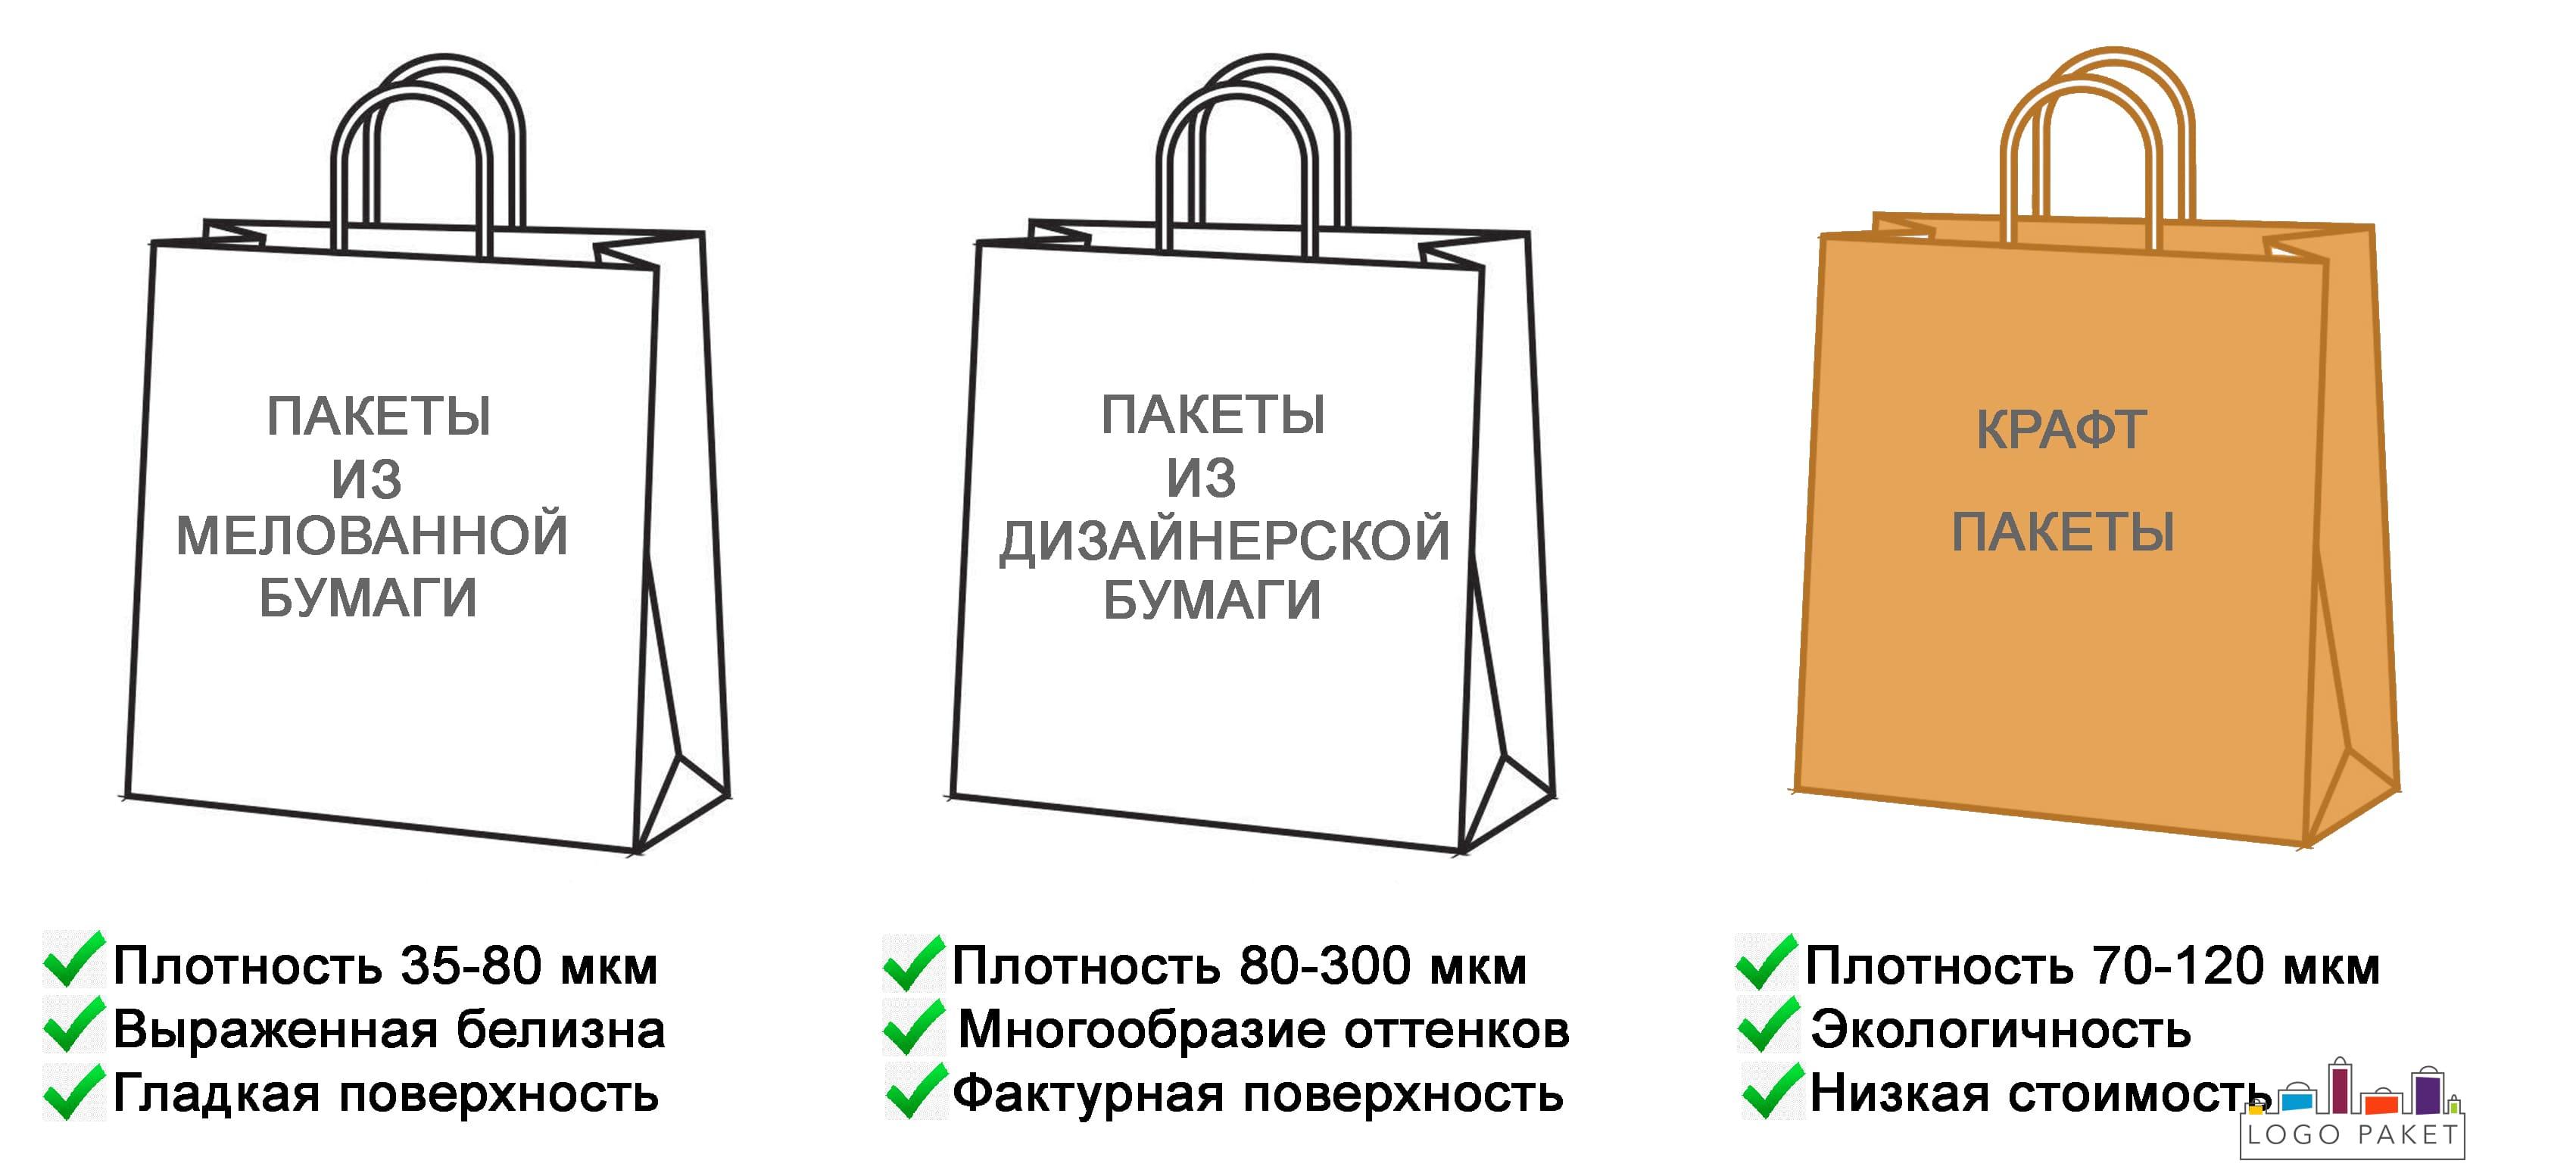 Виды бумажных пакетов инфографика